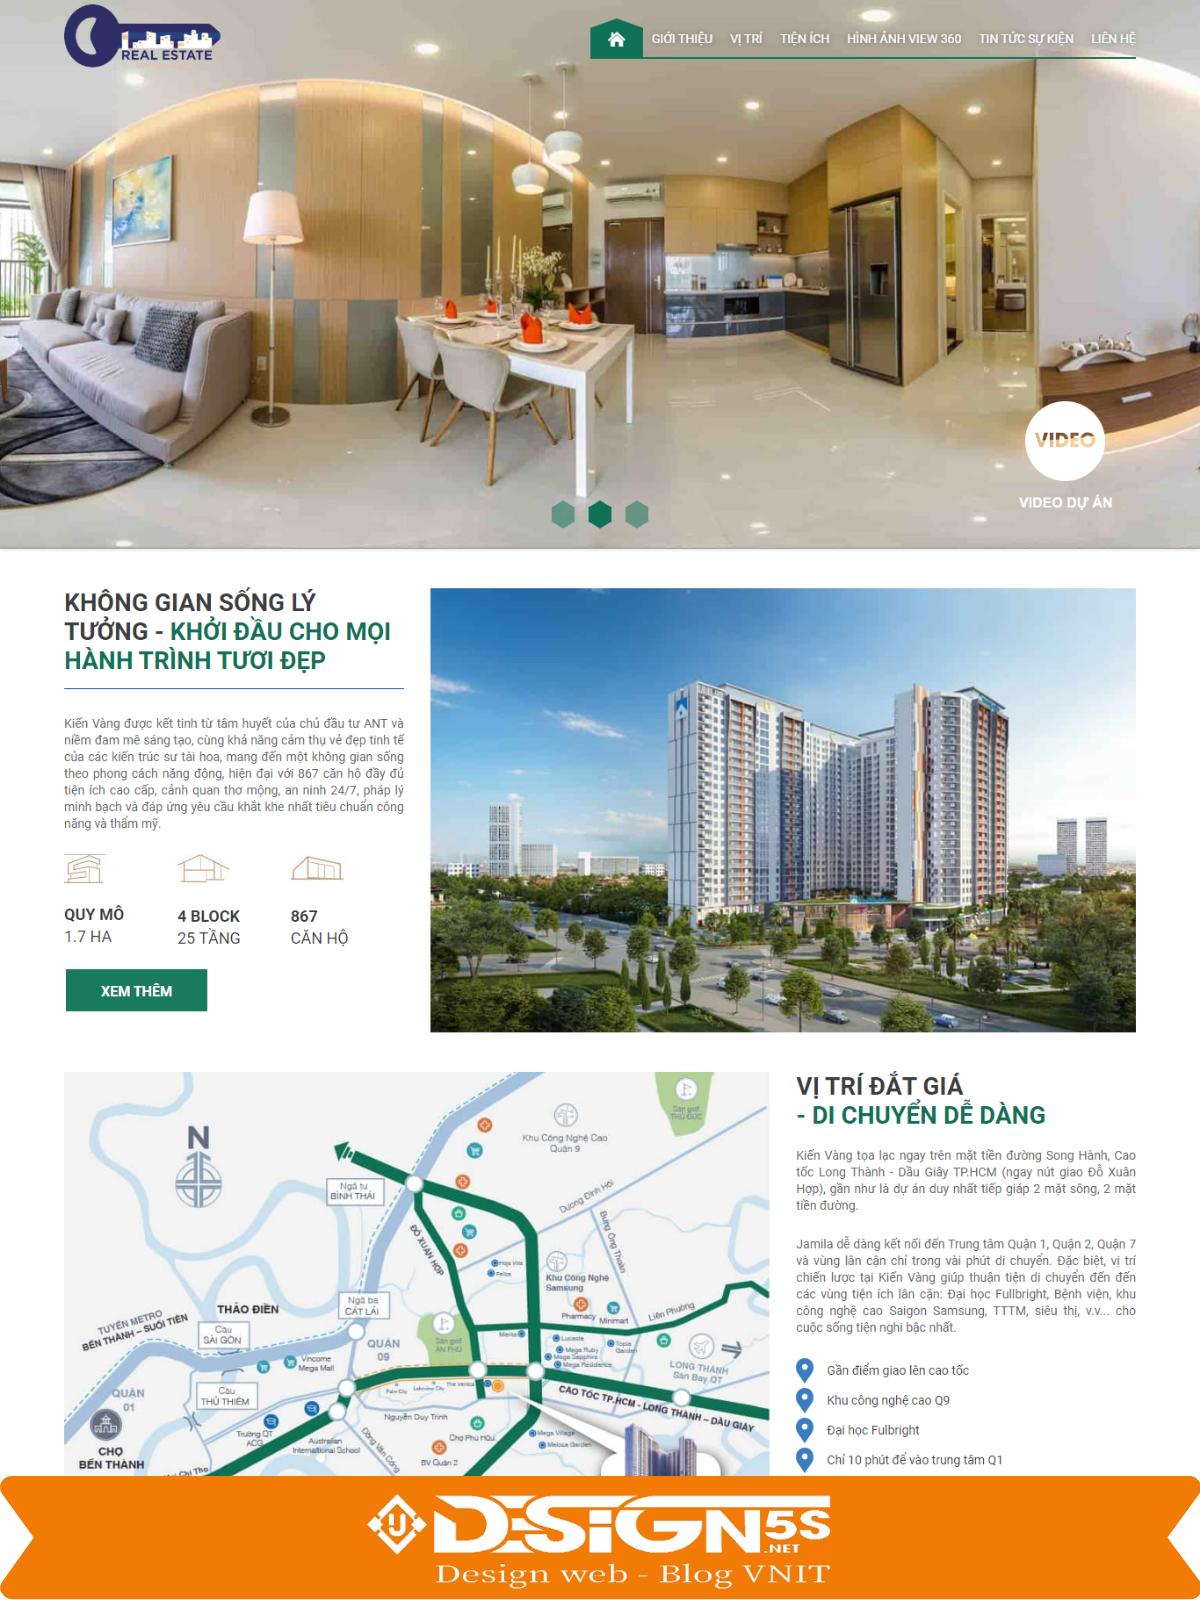 Theme blogspot landing page bất động sản, hiện đại  VSM55 - Ảnh 1